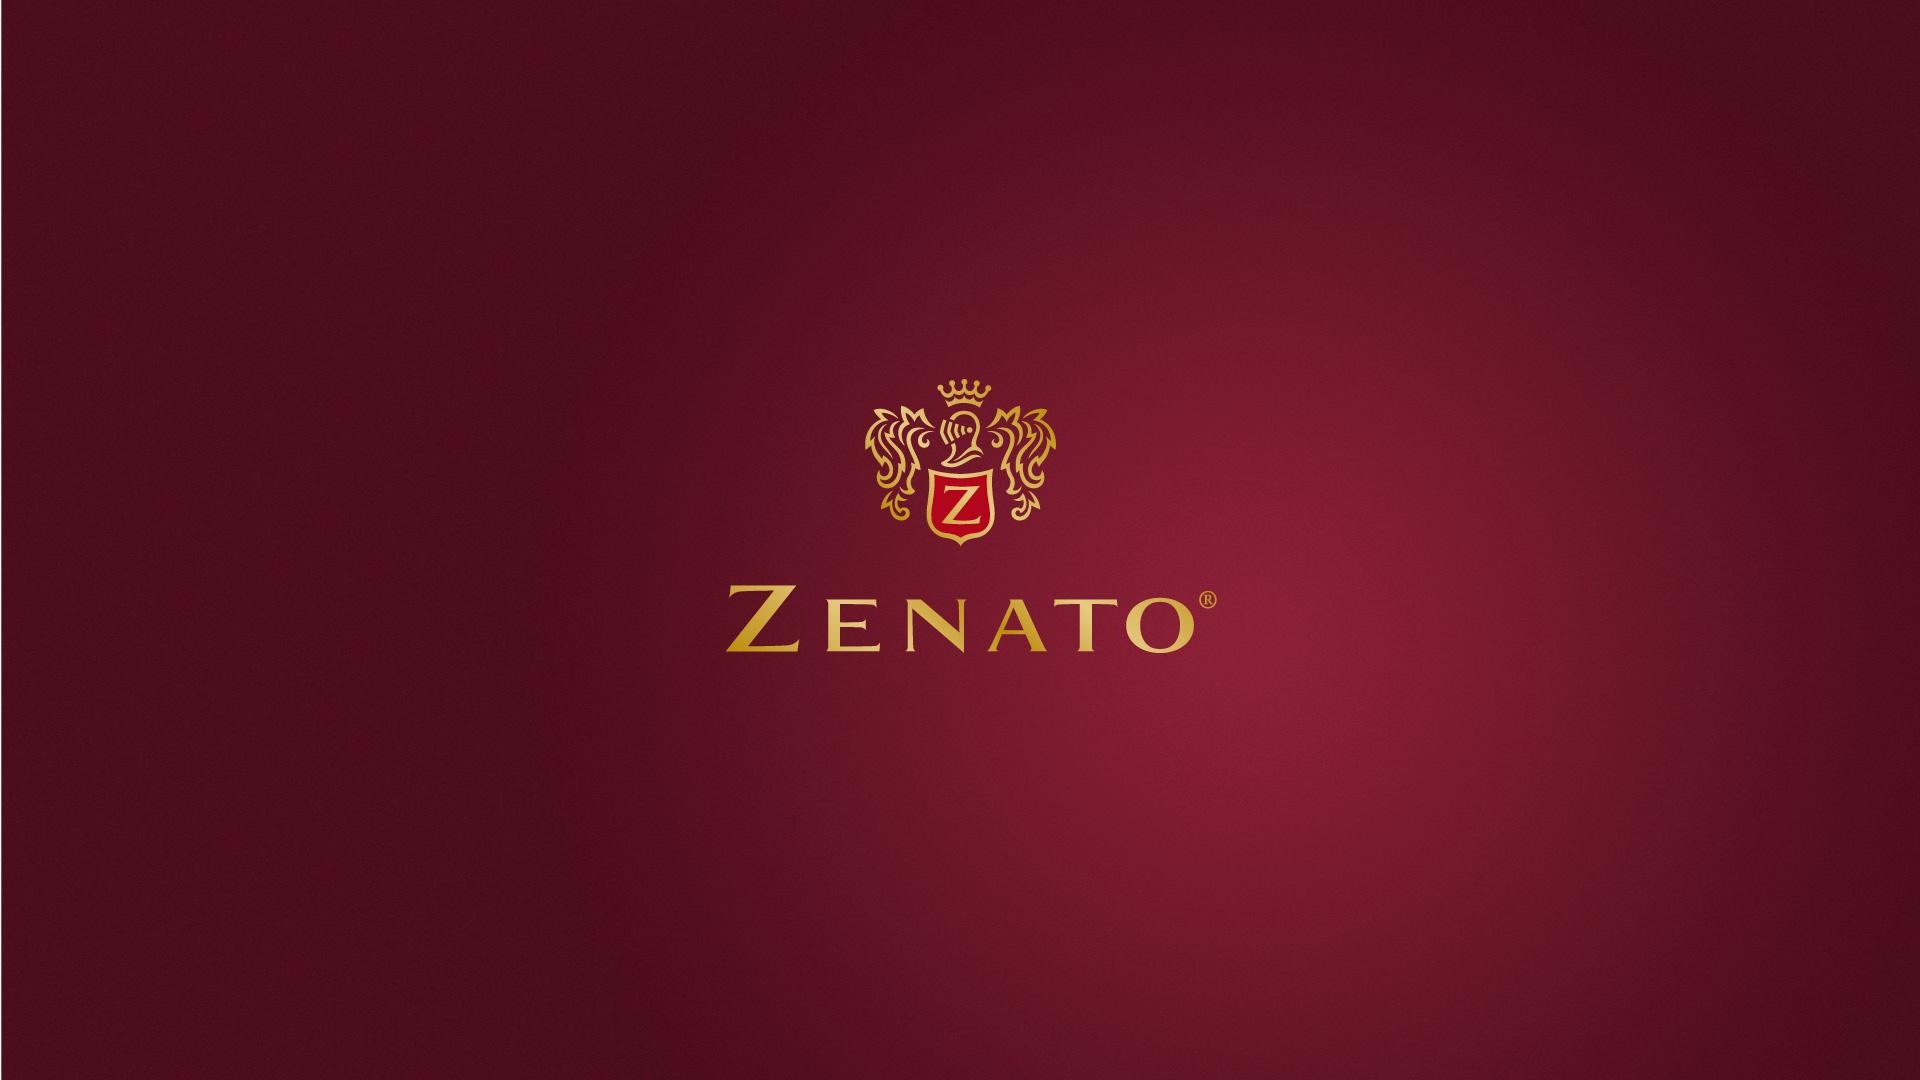 Zenato brand